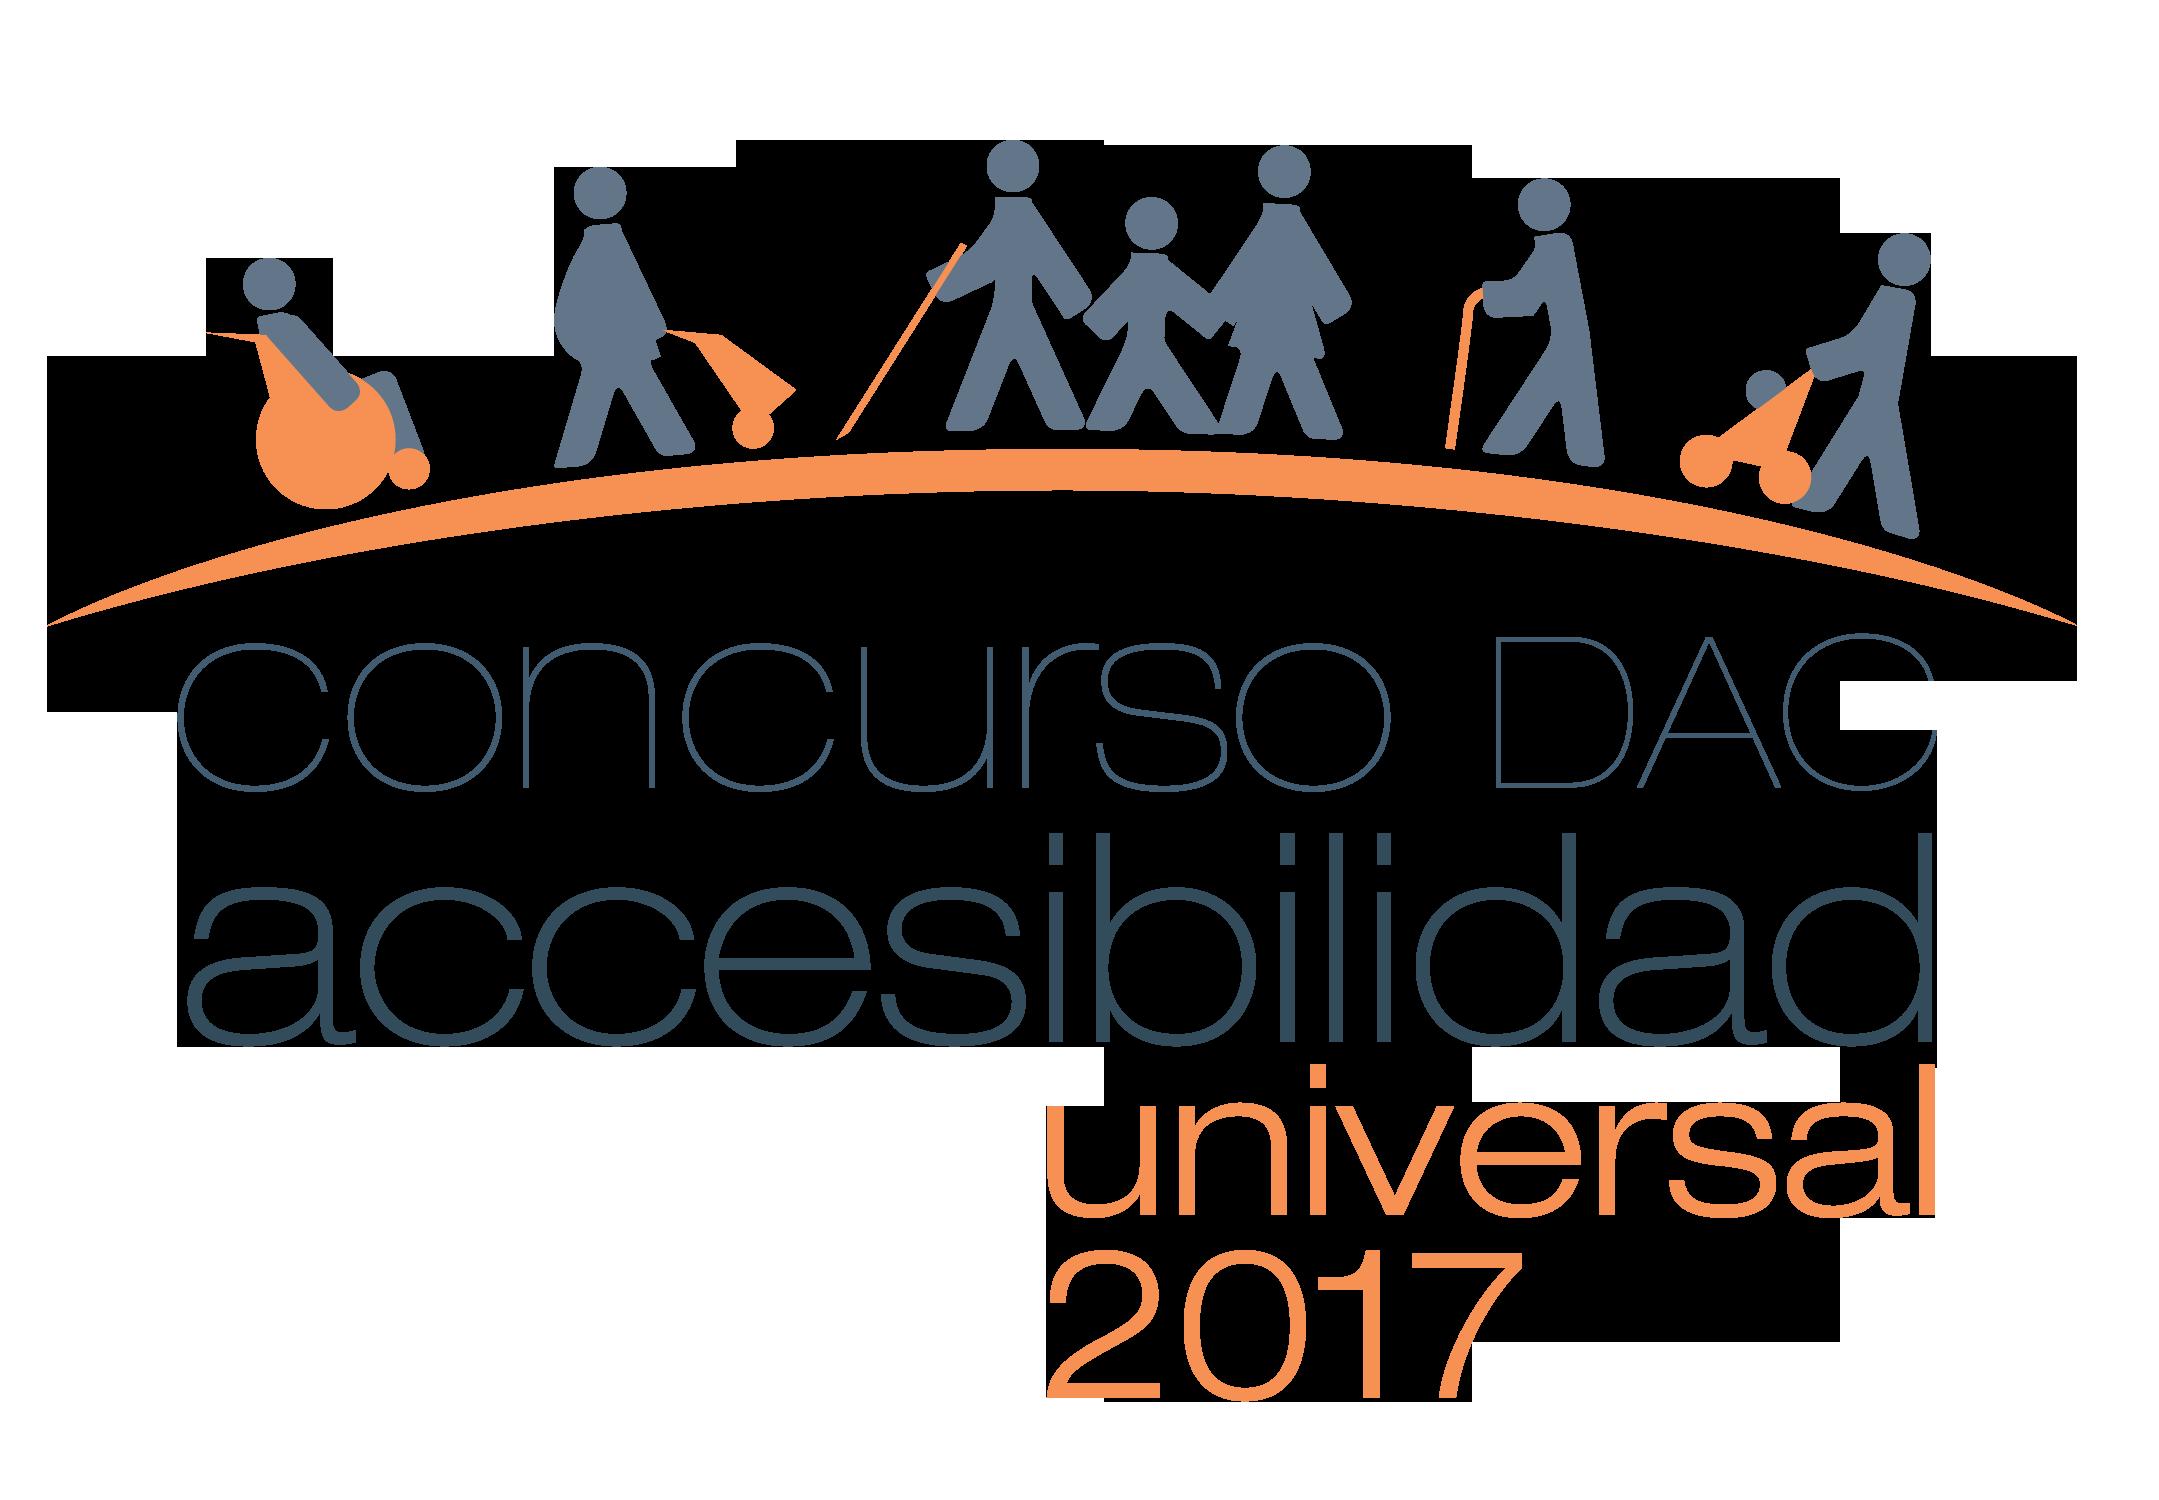 BAU Accesibilidad presente en el II Concurso DAC Accesibilidad Universal 2017